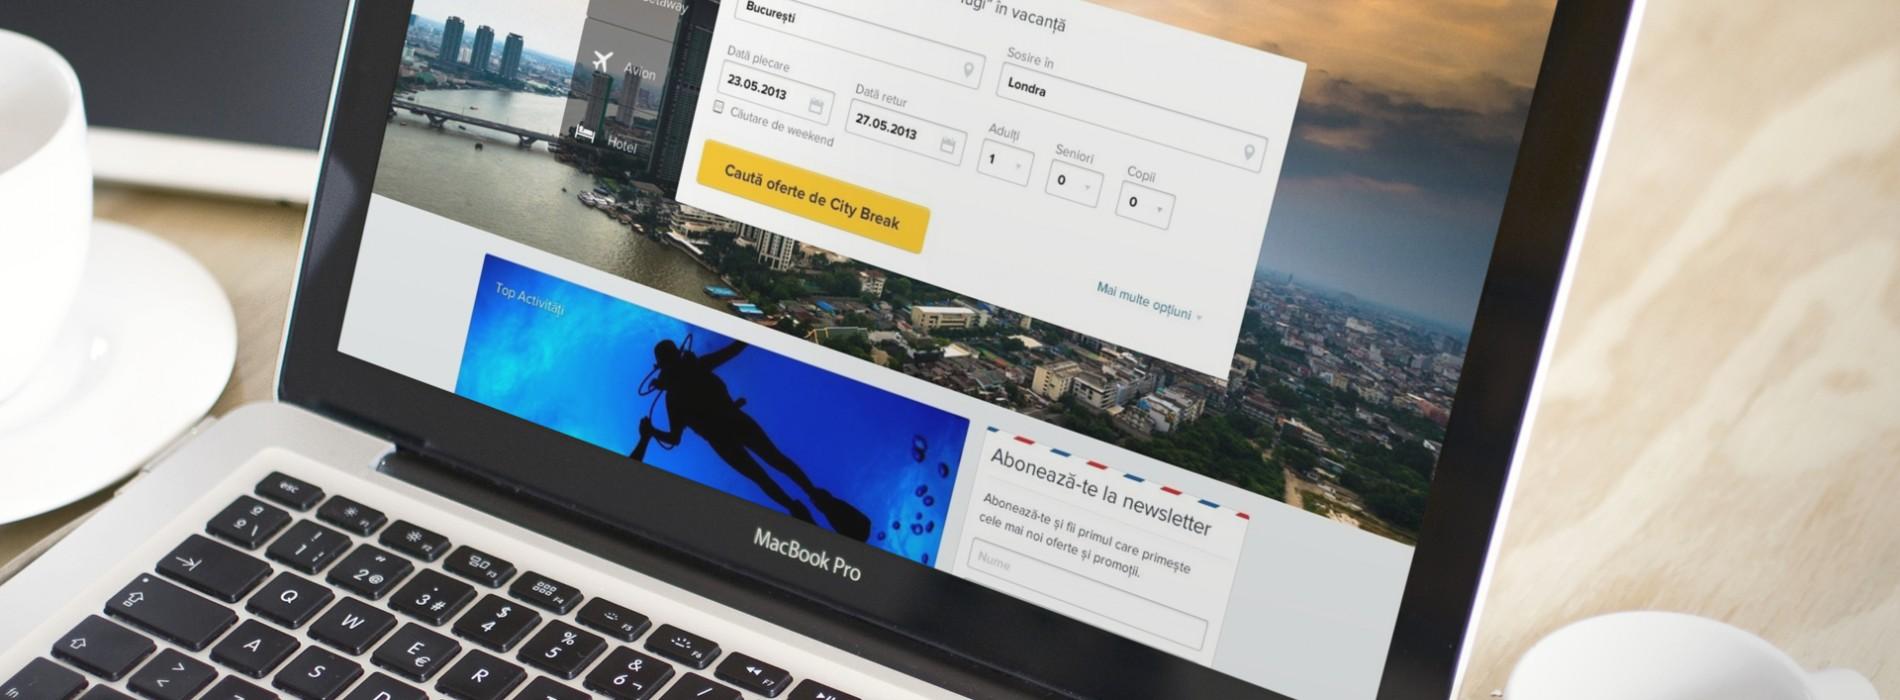 S-a lansat Traveo.ro, platforma de  rezervări care oferă soluția completă pentru orice călătorie